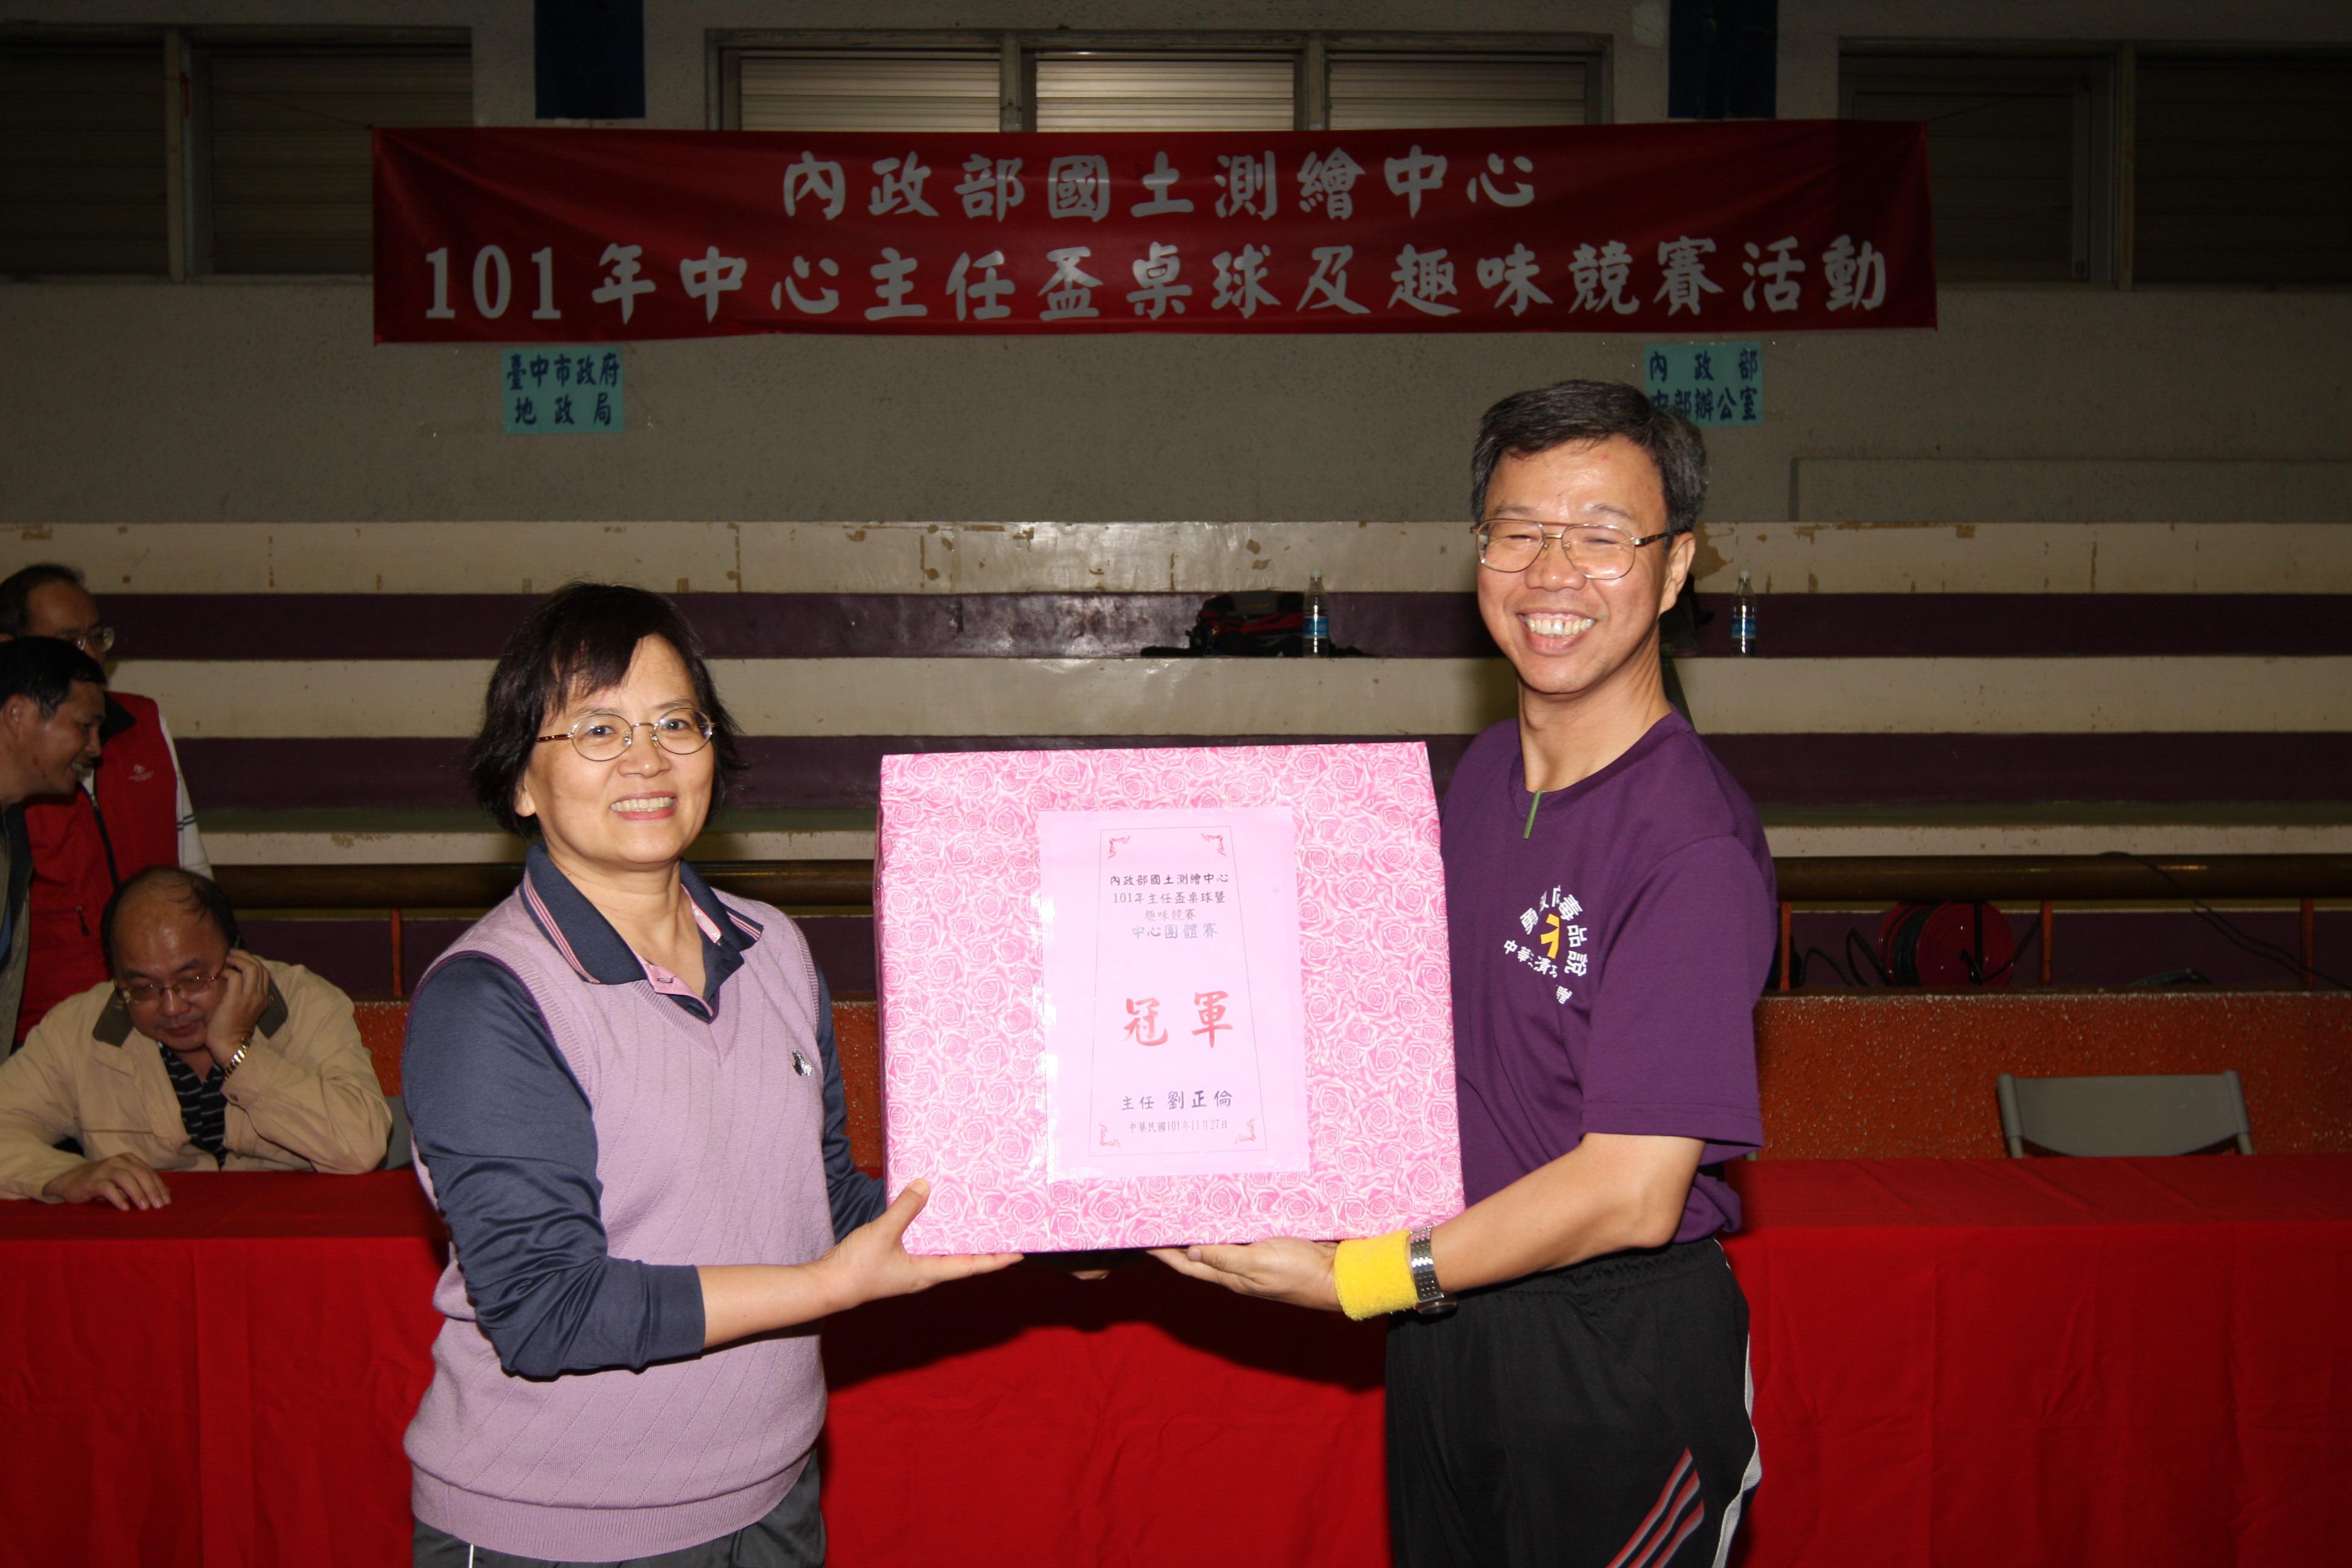 王副司長靚琇(左)頒獎予桌球中心團體賽冠軍-南二及東區聯隊(右)